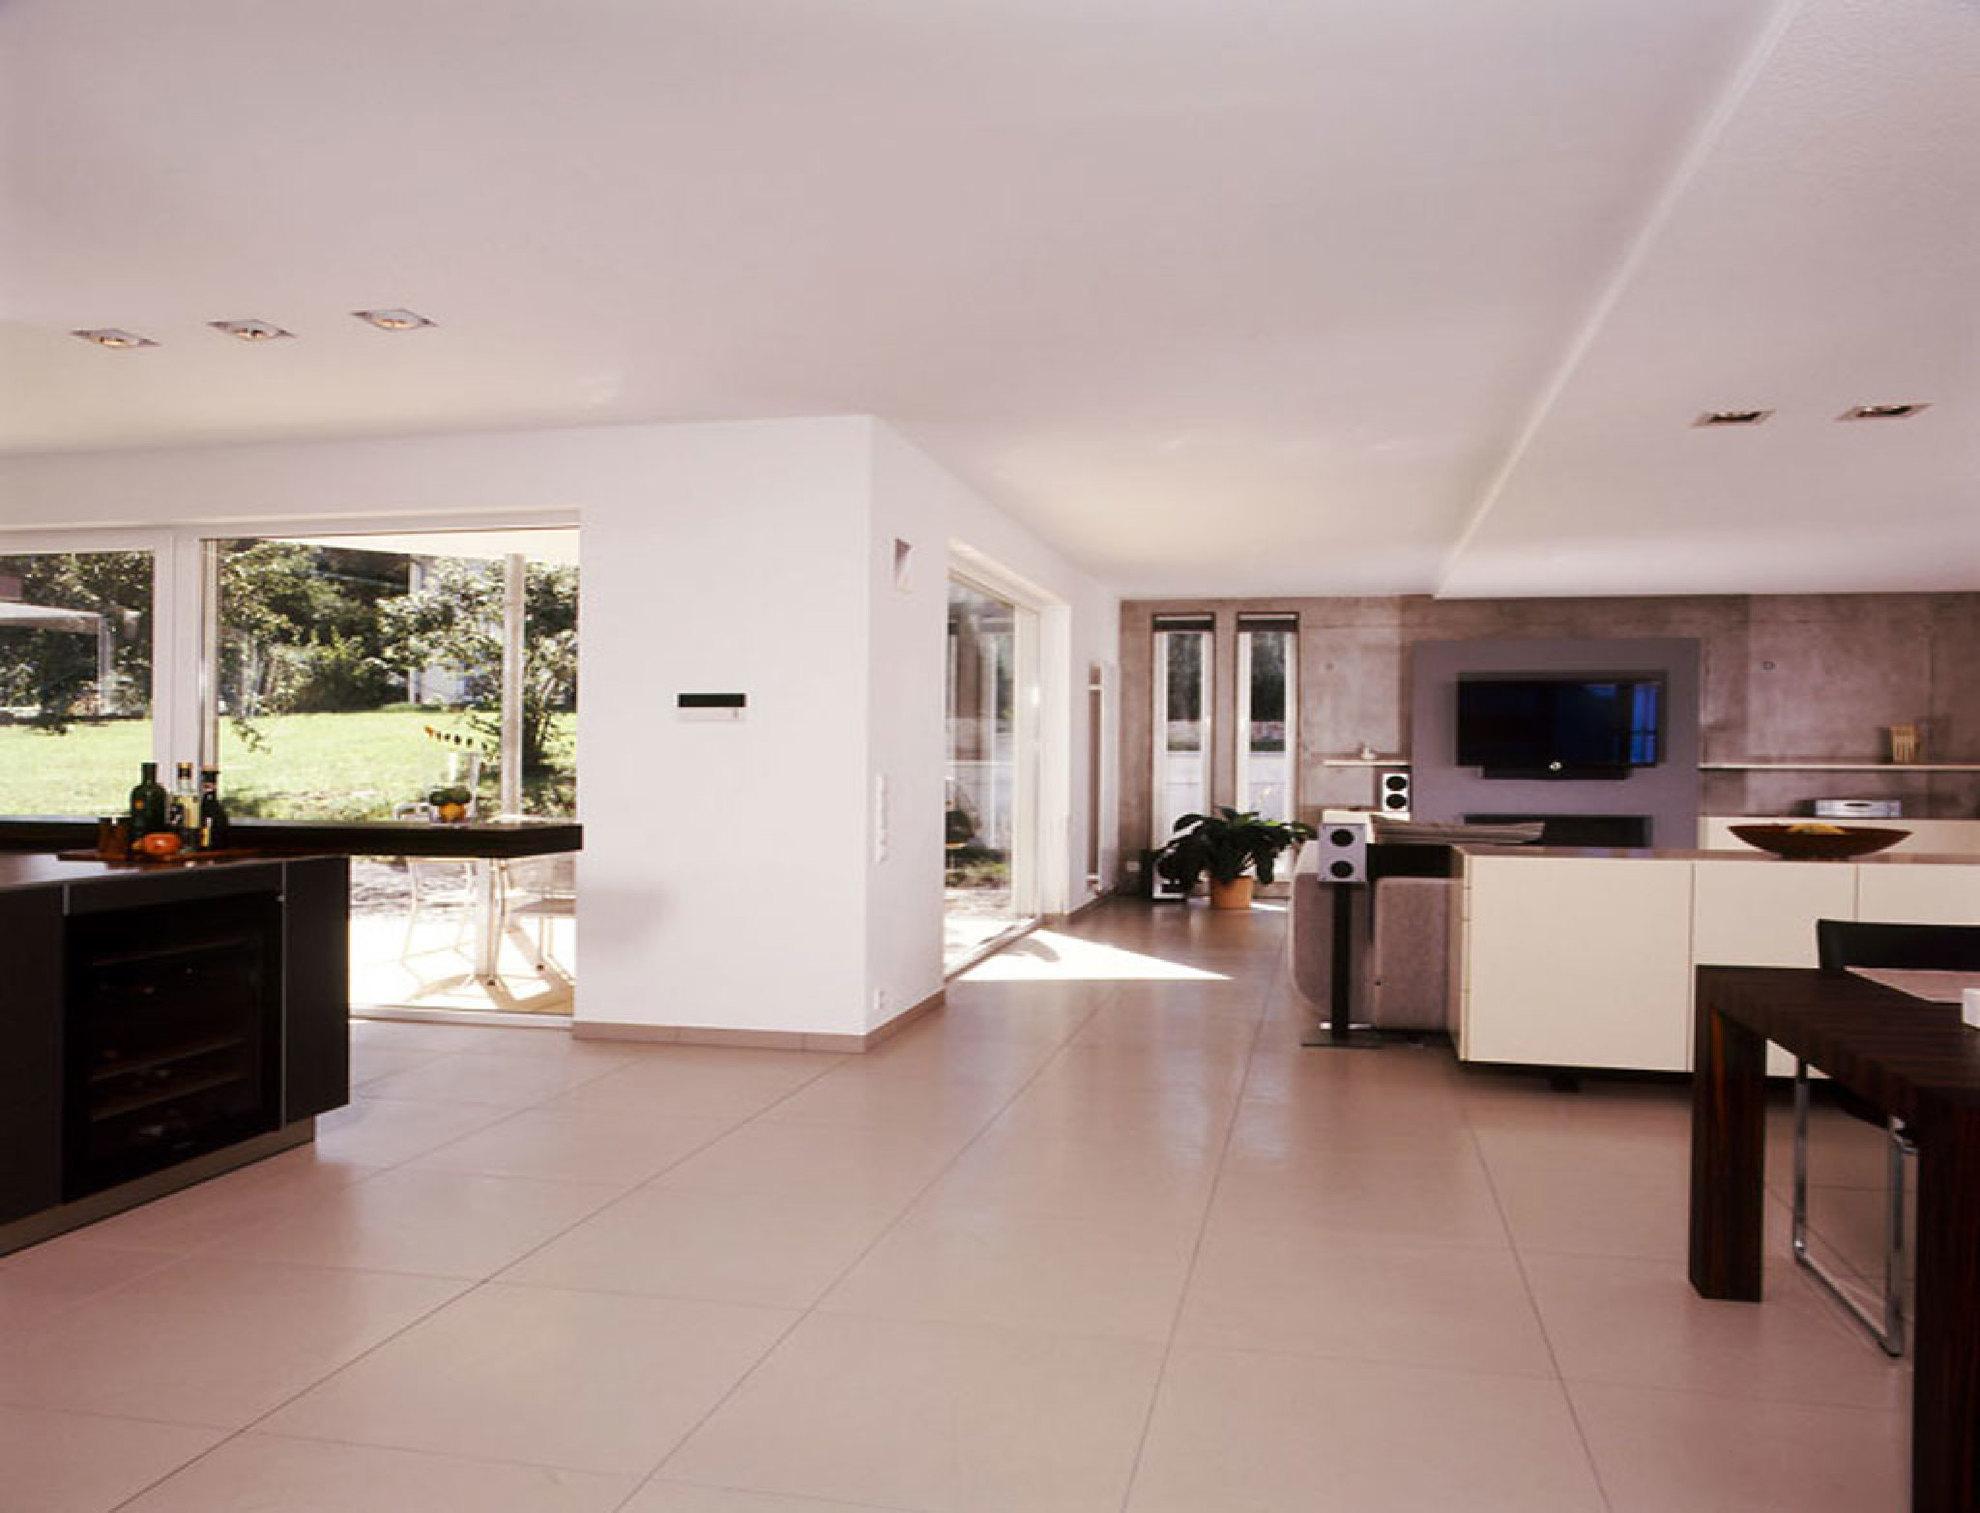 Interiores minimalistas tres reglas para las superficies for Ambientes minimalistas interiores